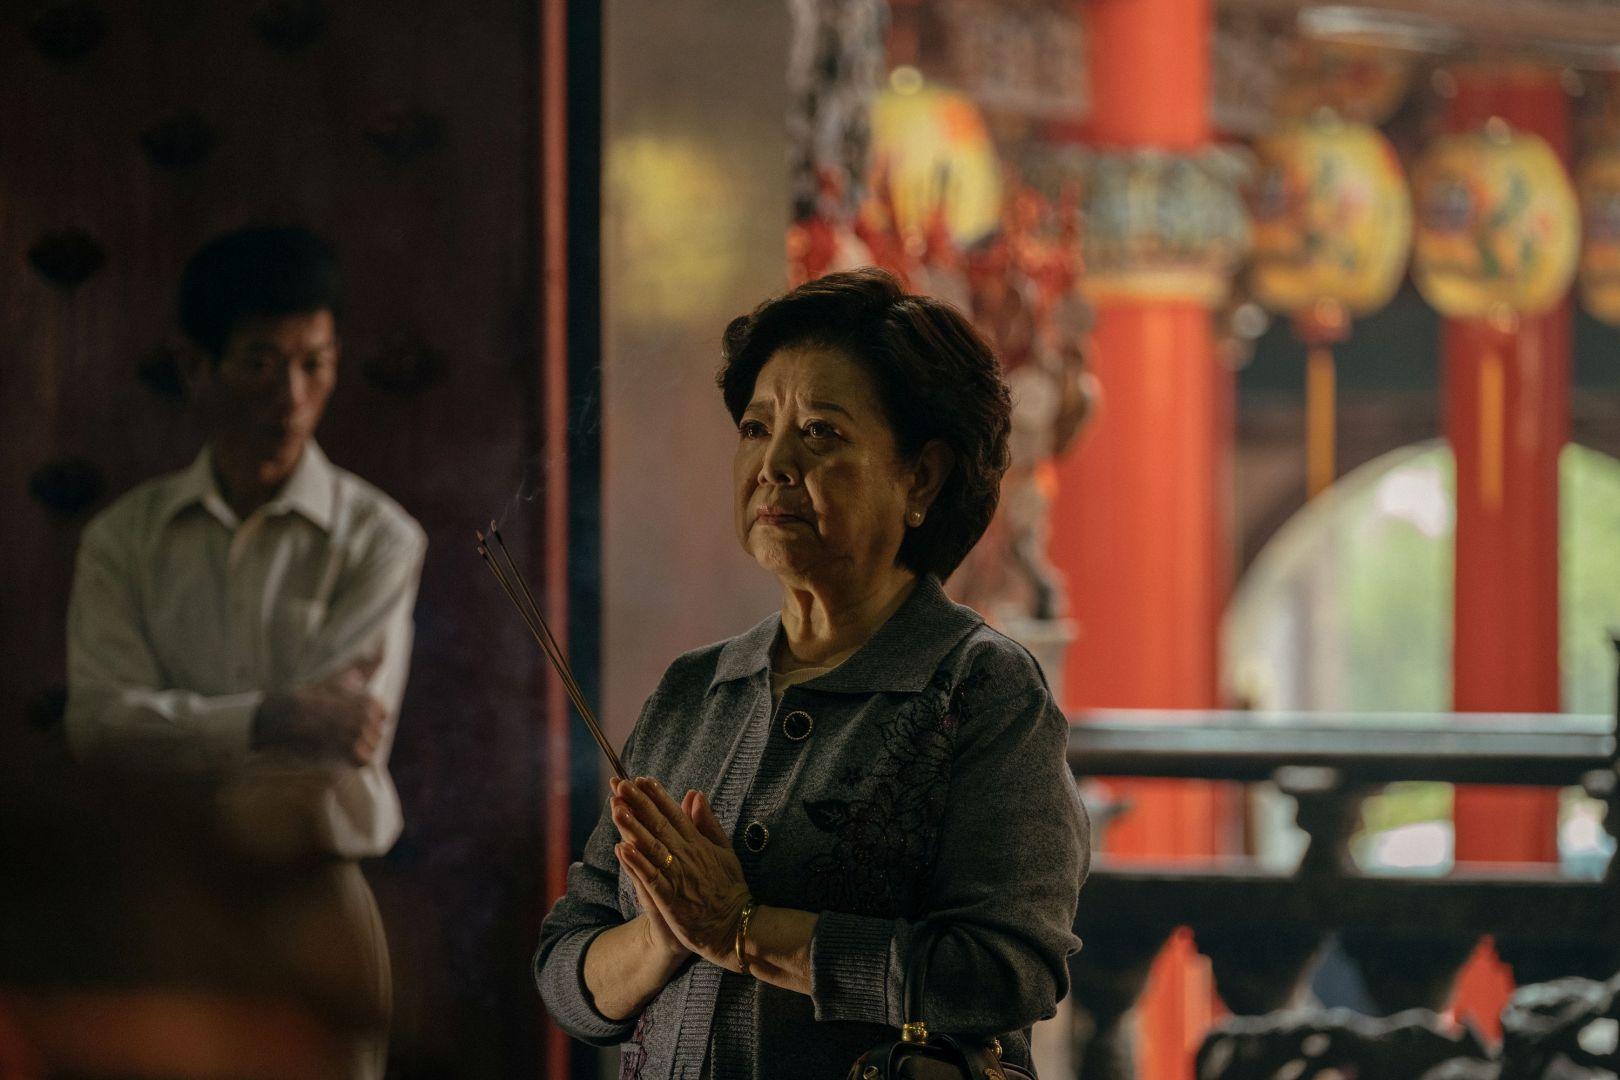 陳淑芳飾演女主角,片中遭遇許多辛酸卻不掉一滴淚